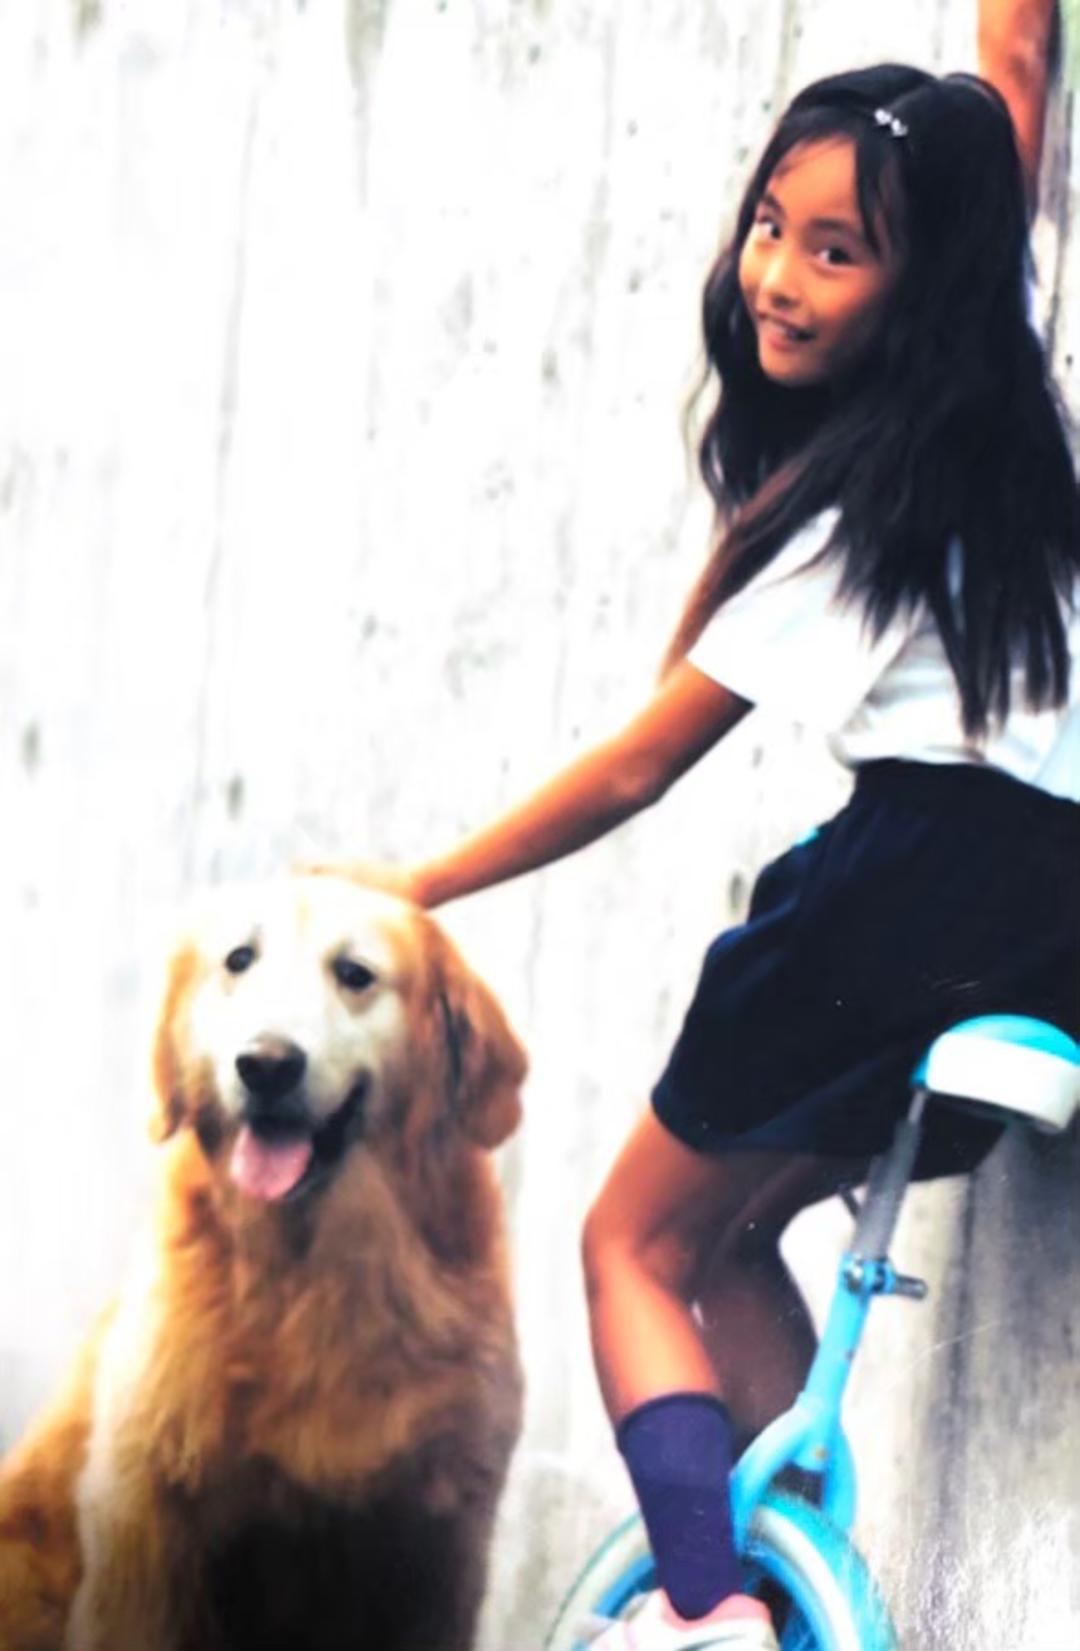 愛犬とお気に入りの一輪車とパシャリ⭐︎